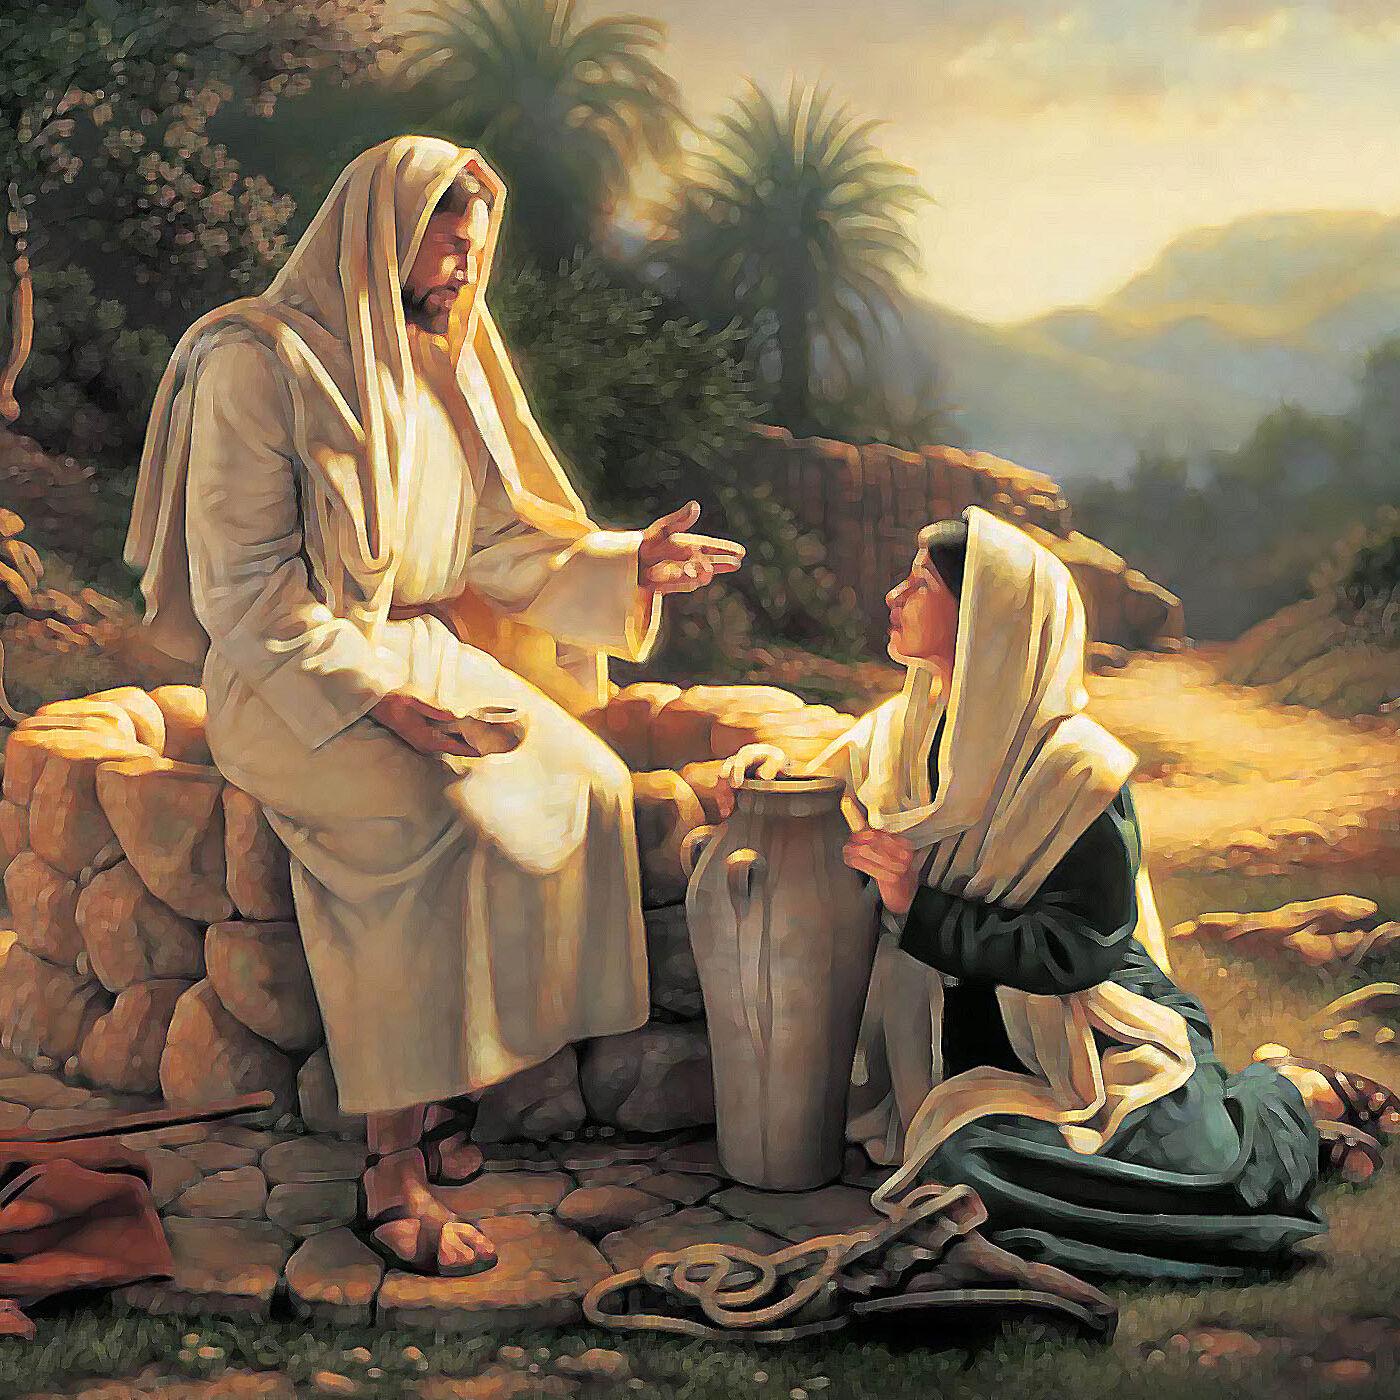 riflessioni sul Vangelo di Venerdì 5 Marzo 2021 (Mt 21, 33-43.45)